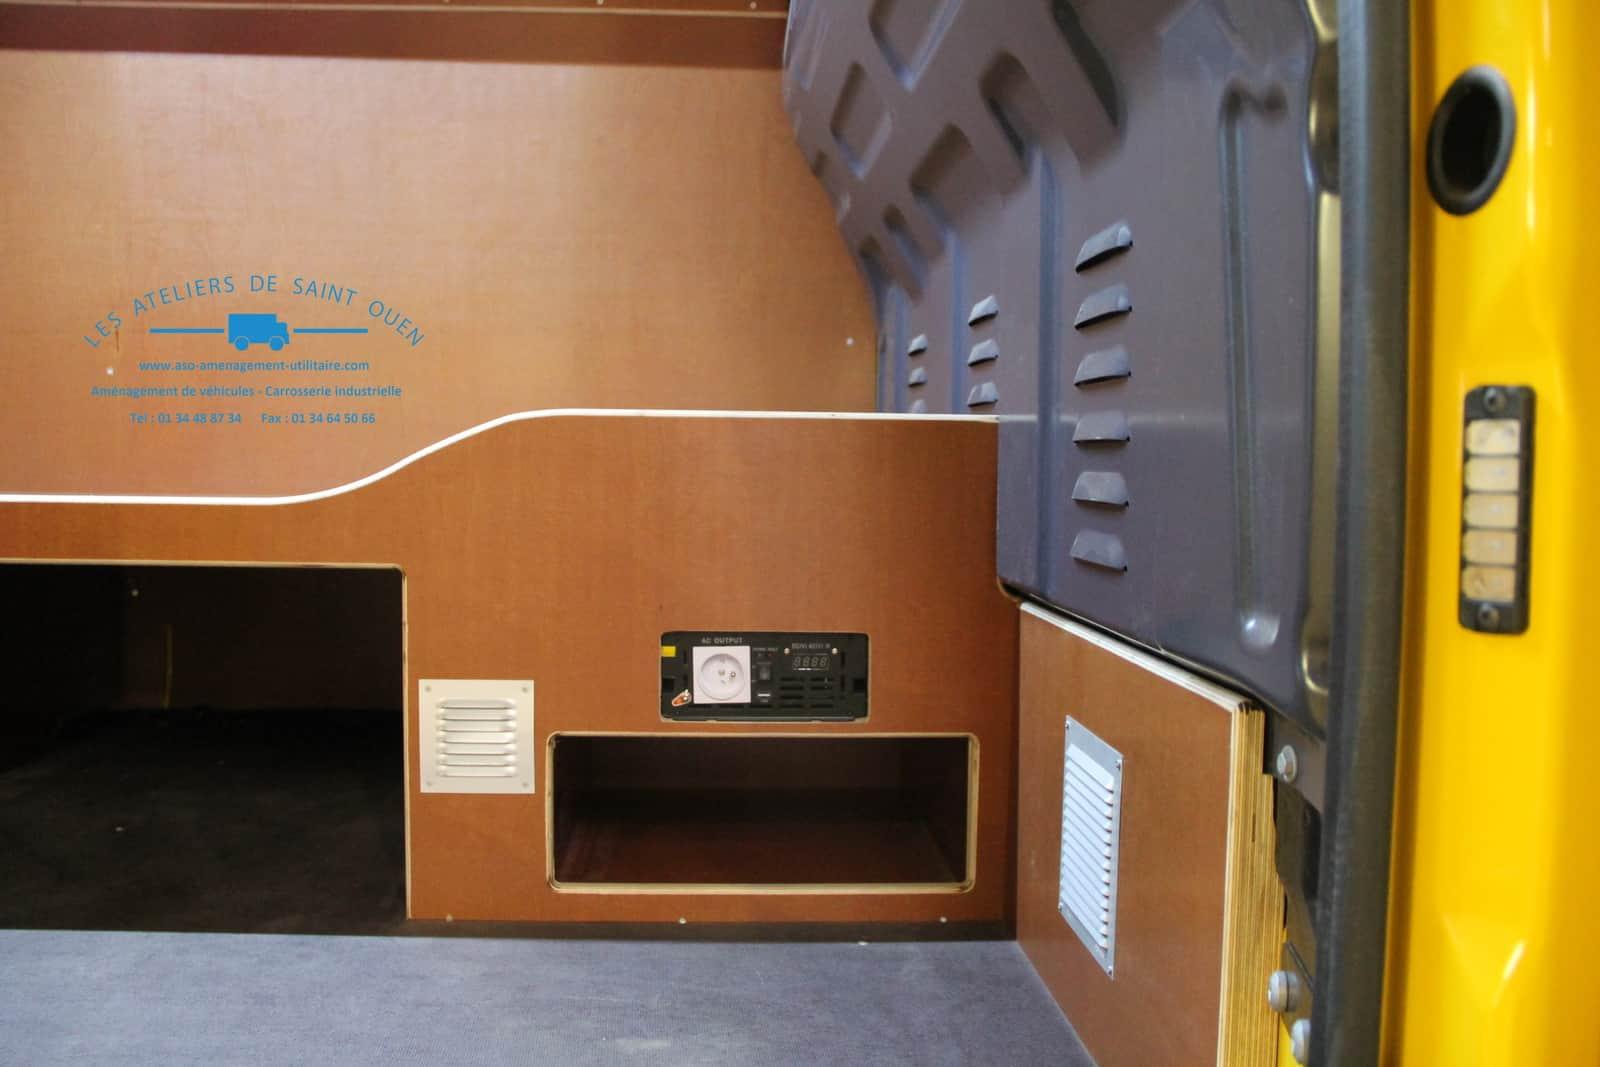 Vehicule Utilitaire Ateliers De Saint Ouen